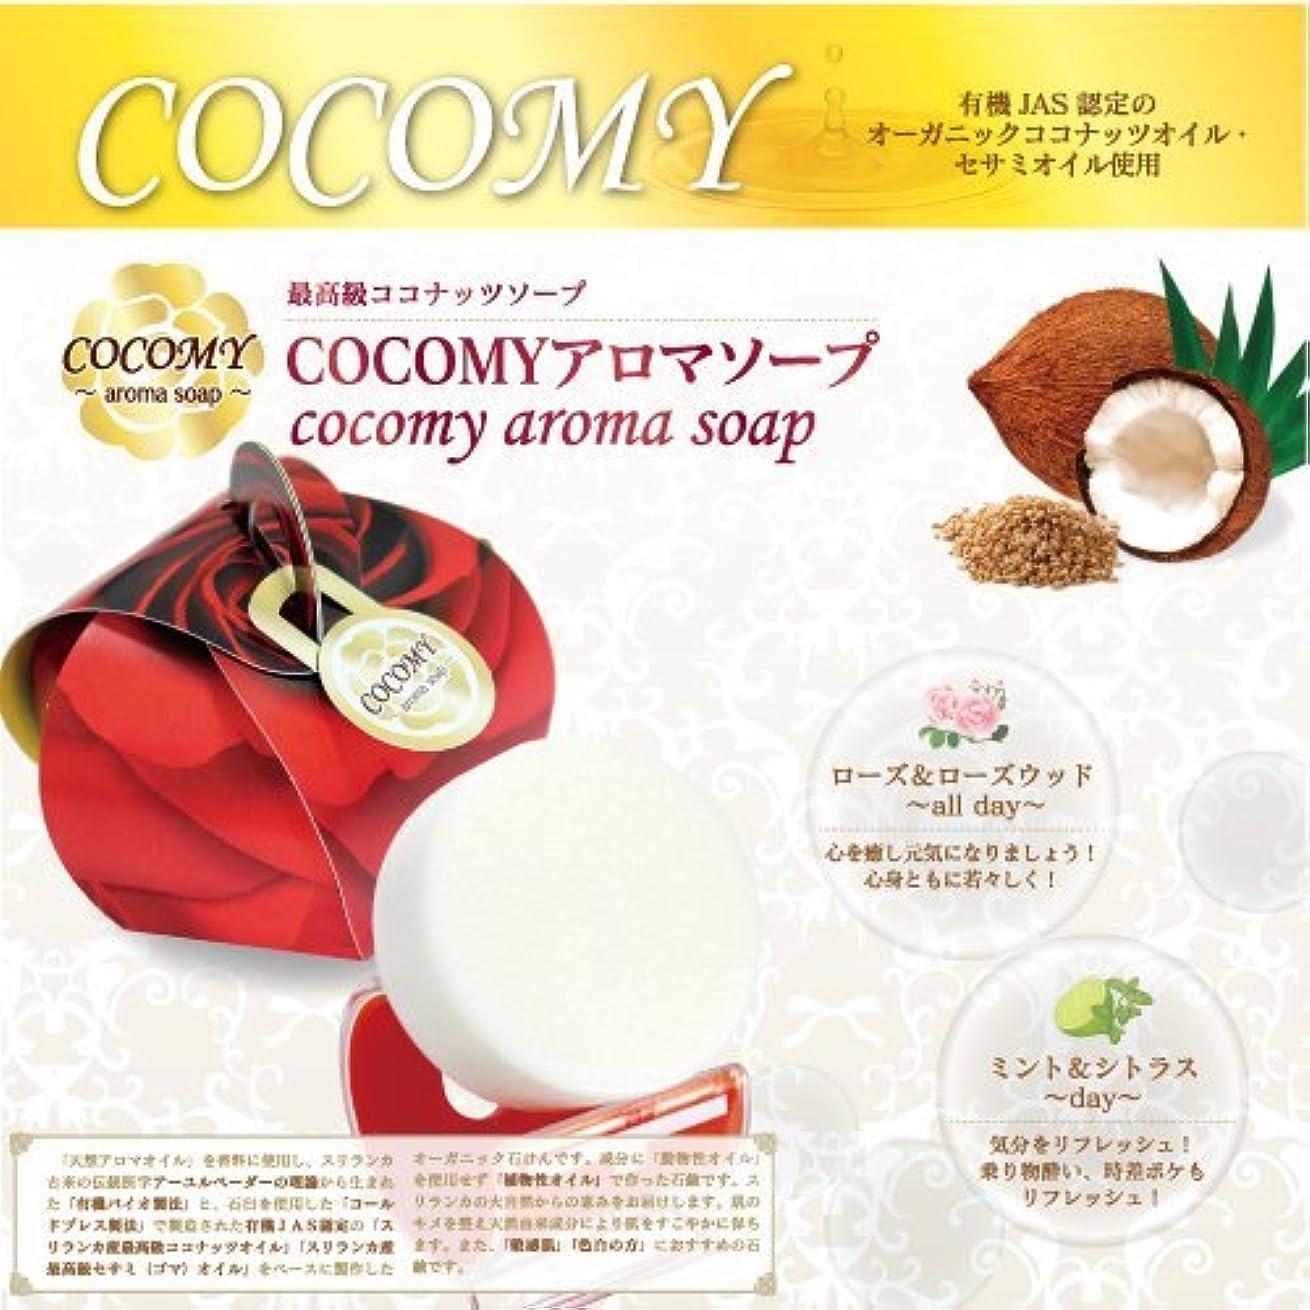 利点スカウト使役COCOMY aromaソープ 2個セット (ミント&シトラス)(ローズ&ローズウッド) 40g×各1